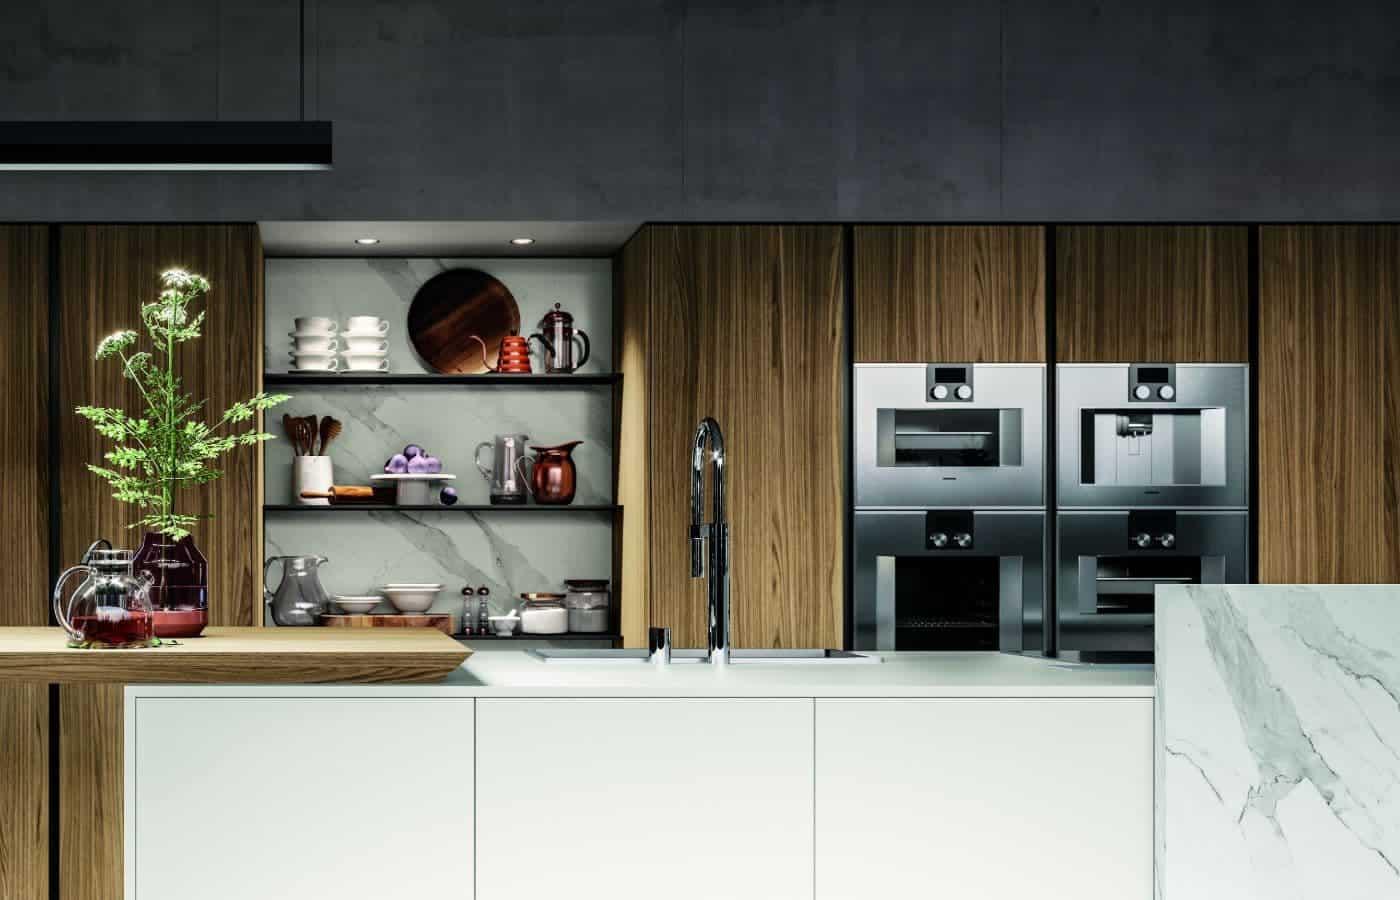 cucina-colonne-elettrodomestici-collezione-cassiopea-il-mobile